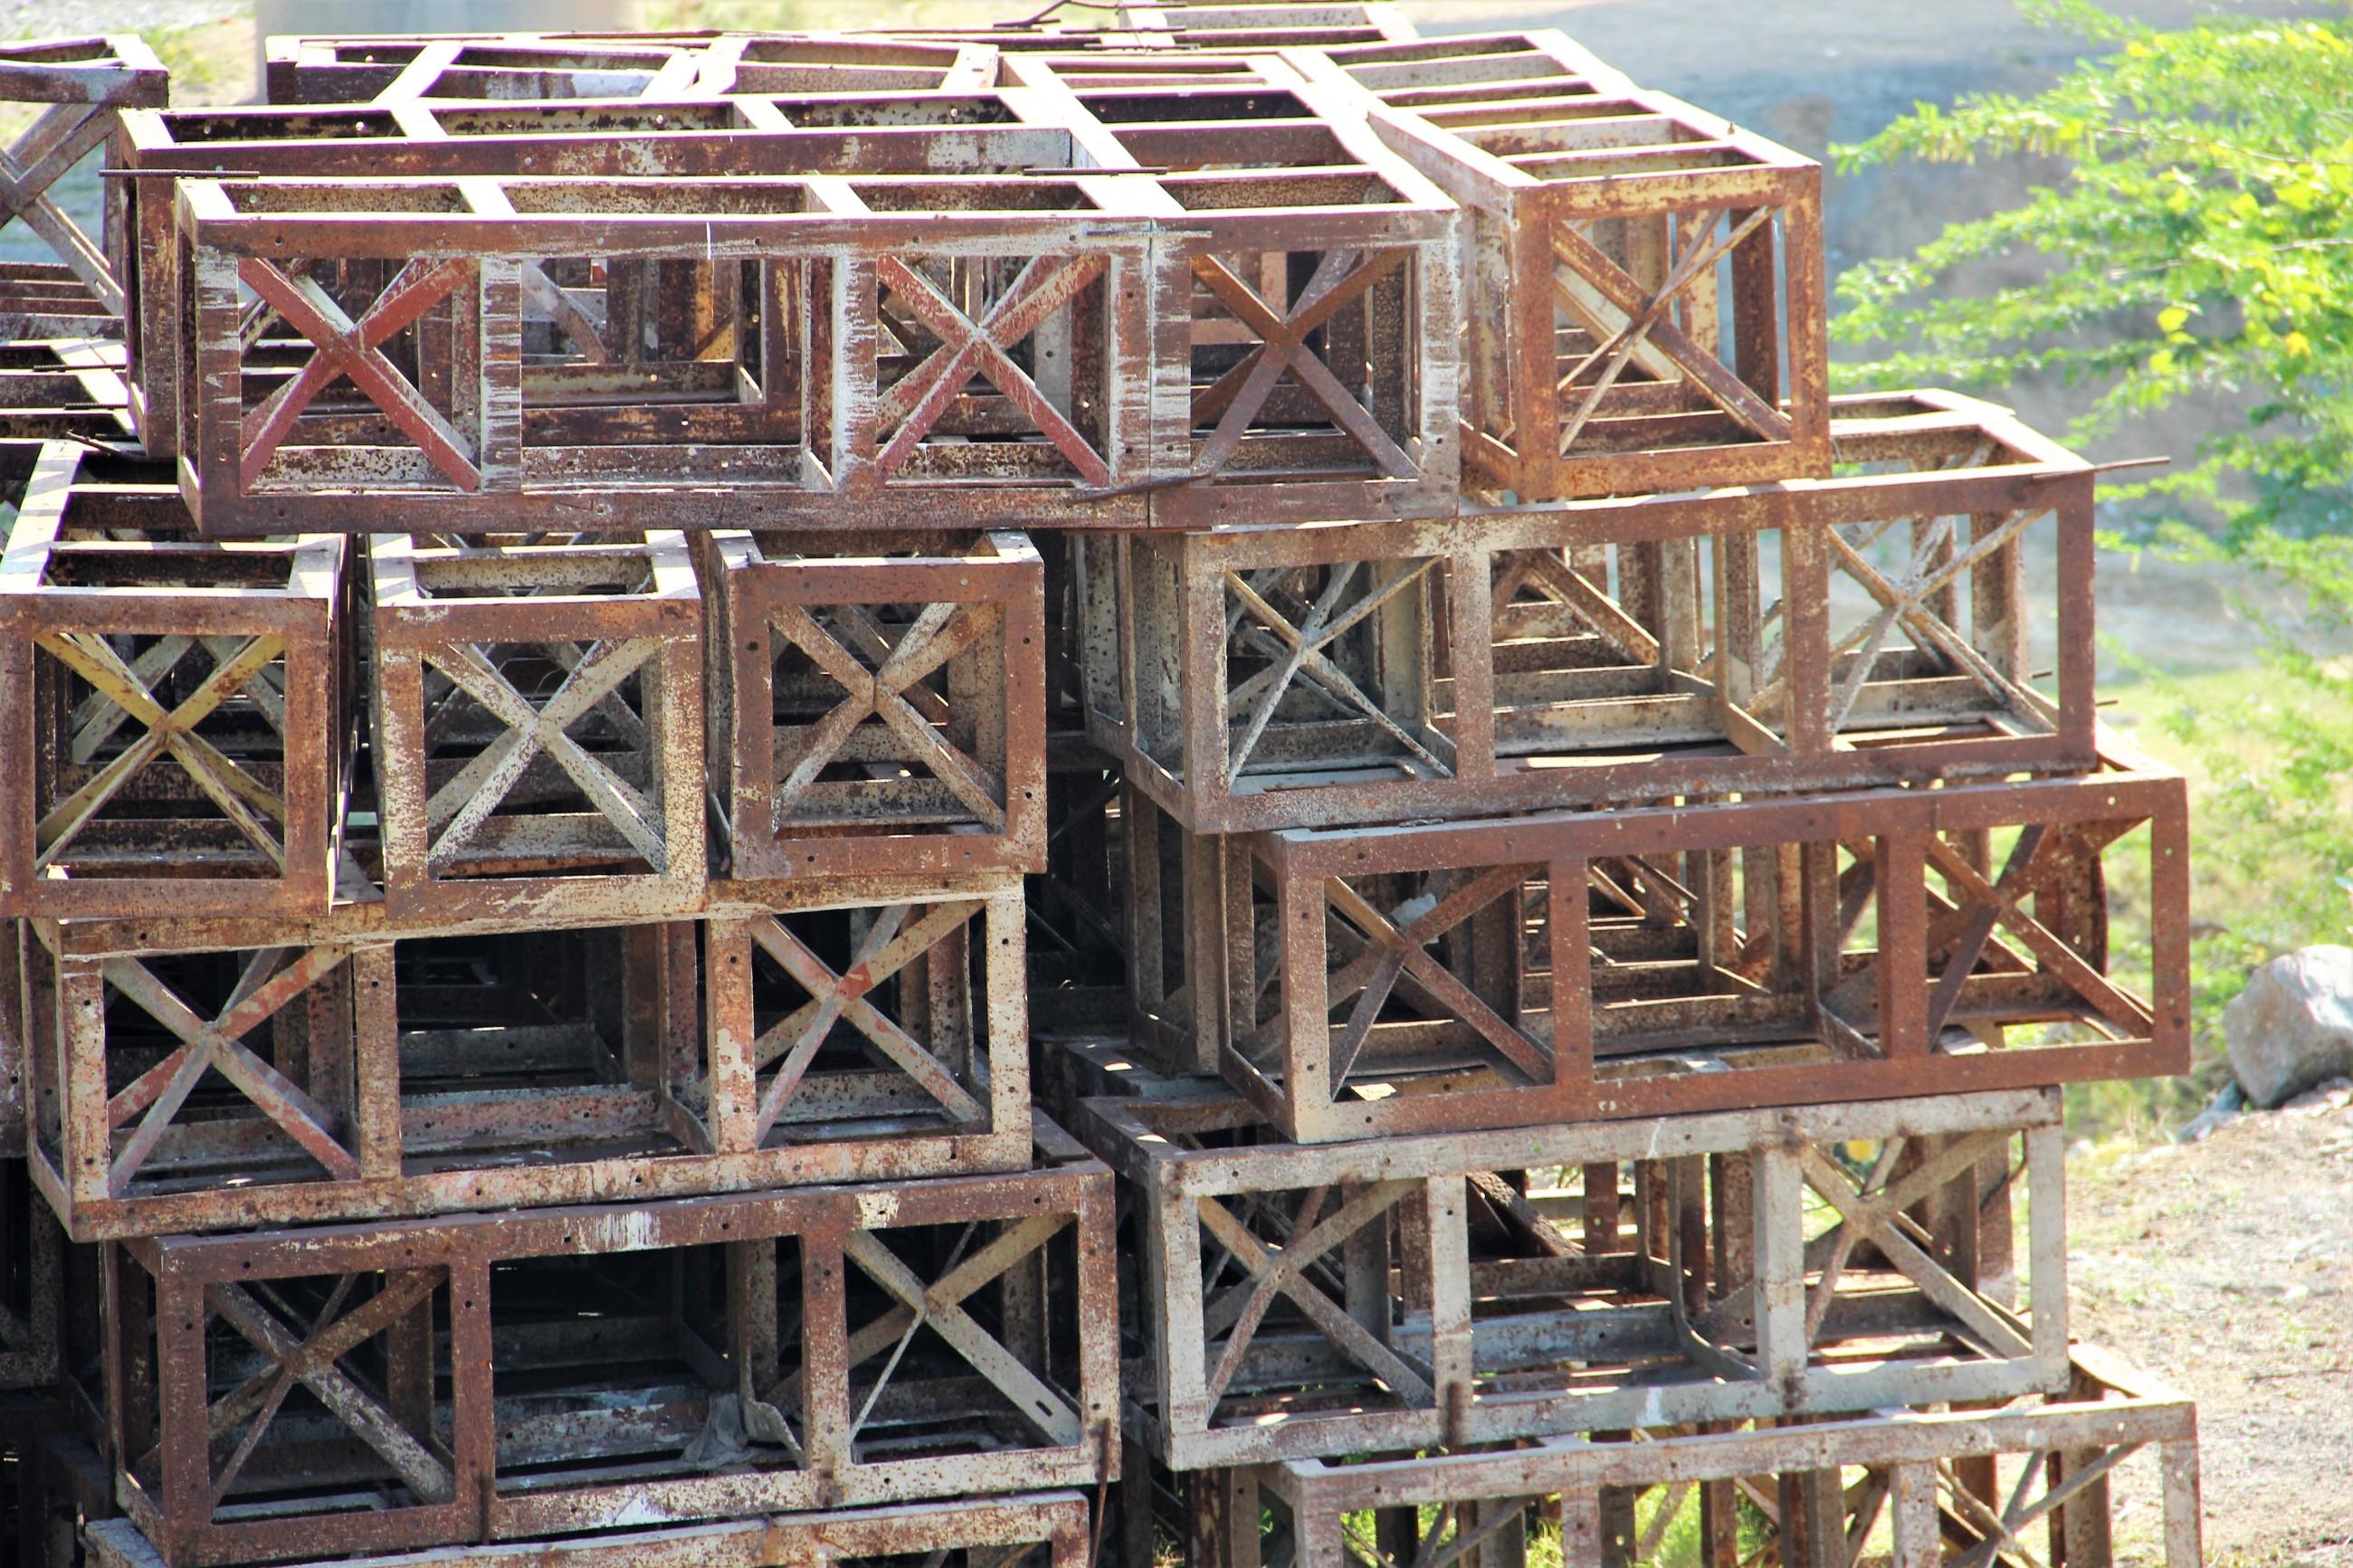 Foto: Rostige Stahlträger, die man zu einem Turm gestapelt hat.